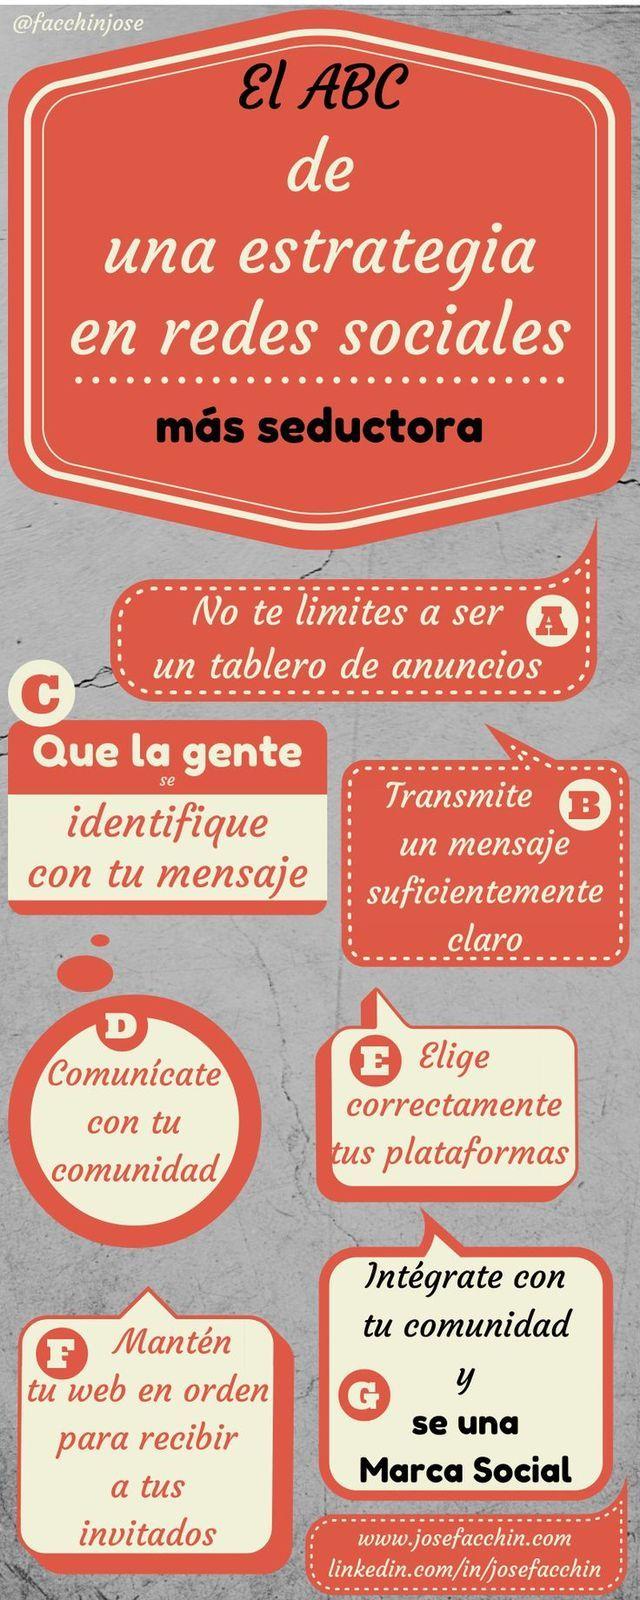 #nfografía: El ABC de una estrategia en redes sociales.  Por @facchinjose